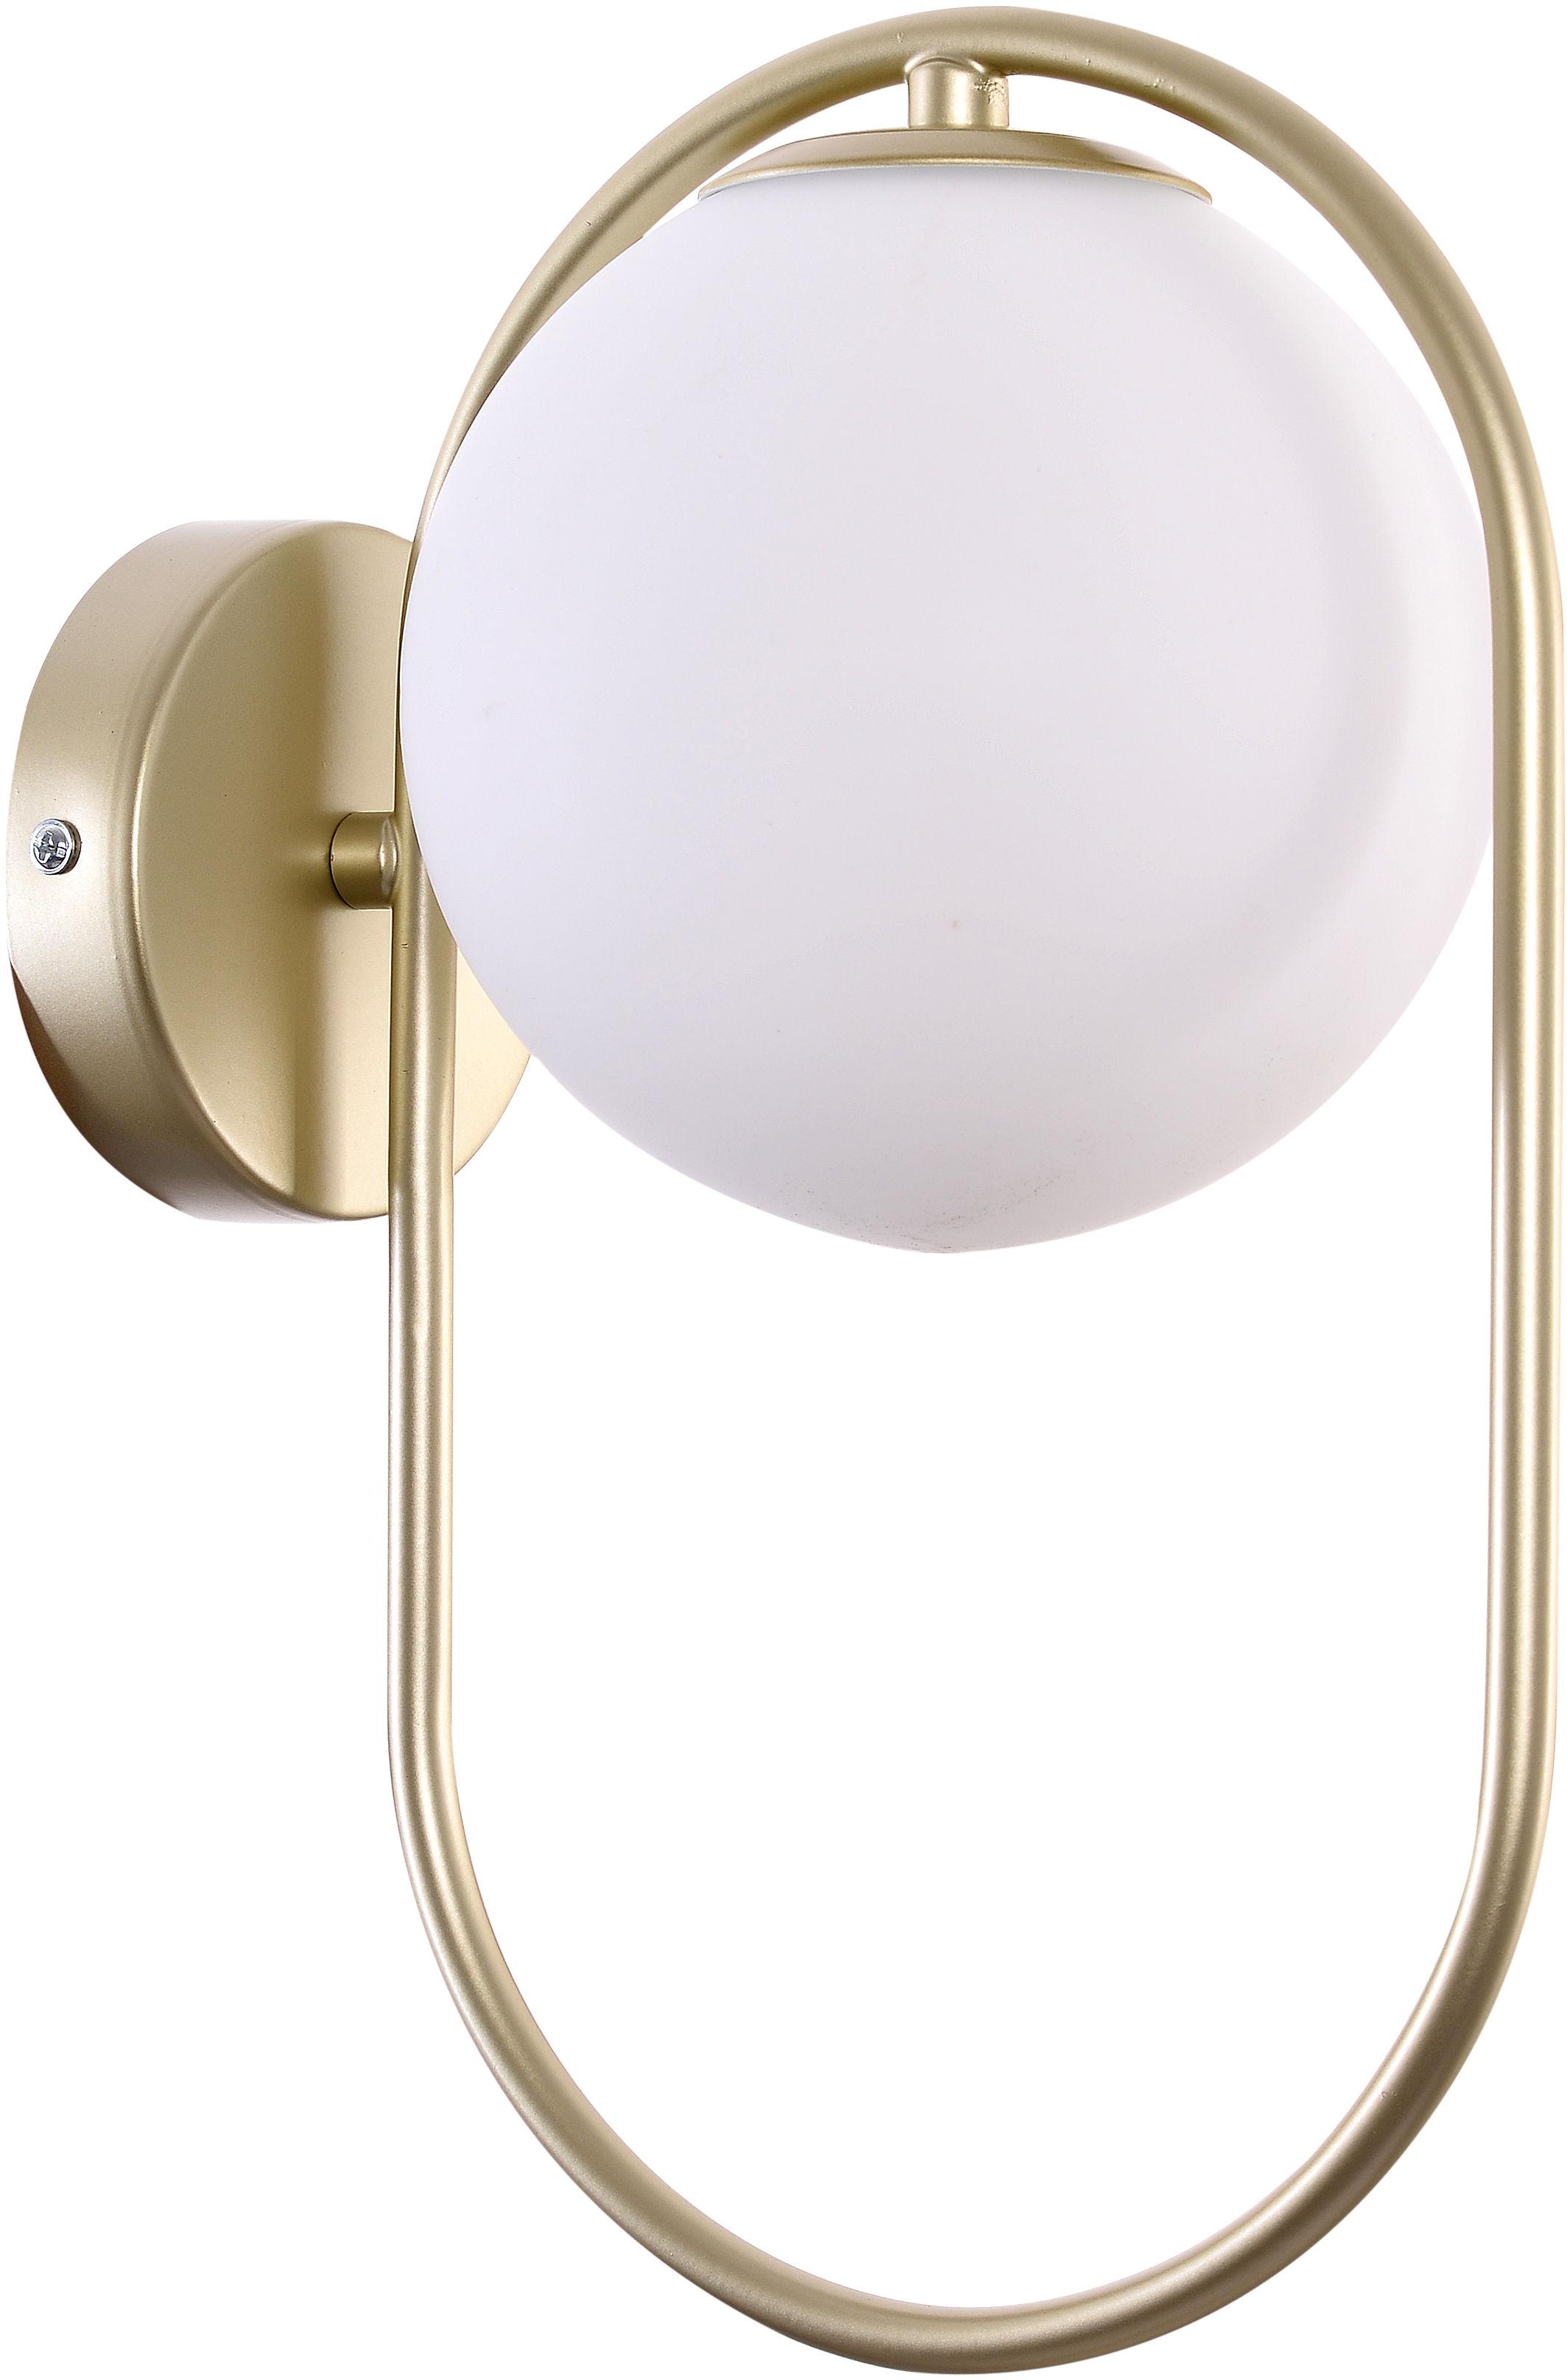 Candellux CORDEL 21-73440 kinkiet lampa ścienna ring mosiądz klosz szklany 1X28W G9 15 cm